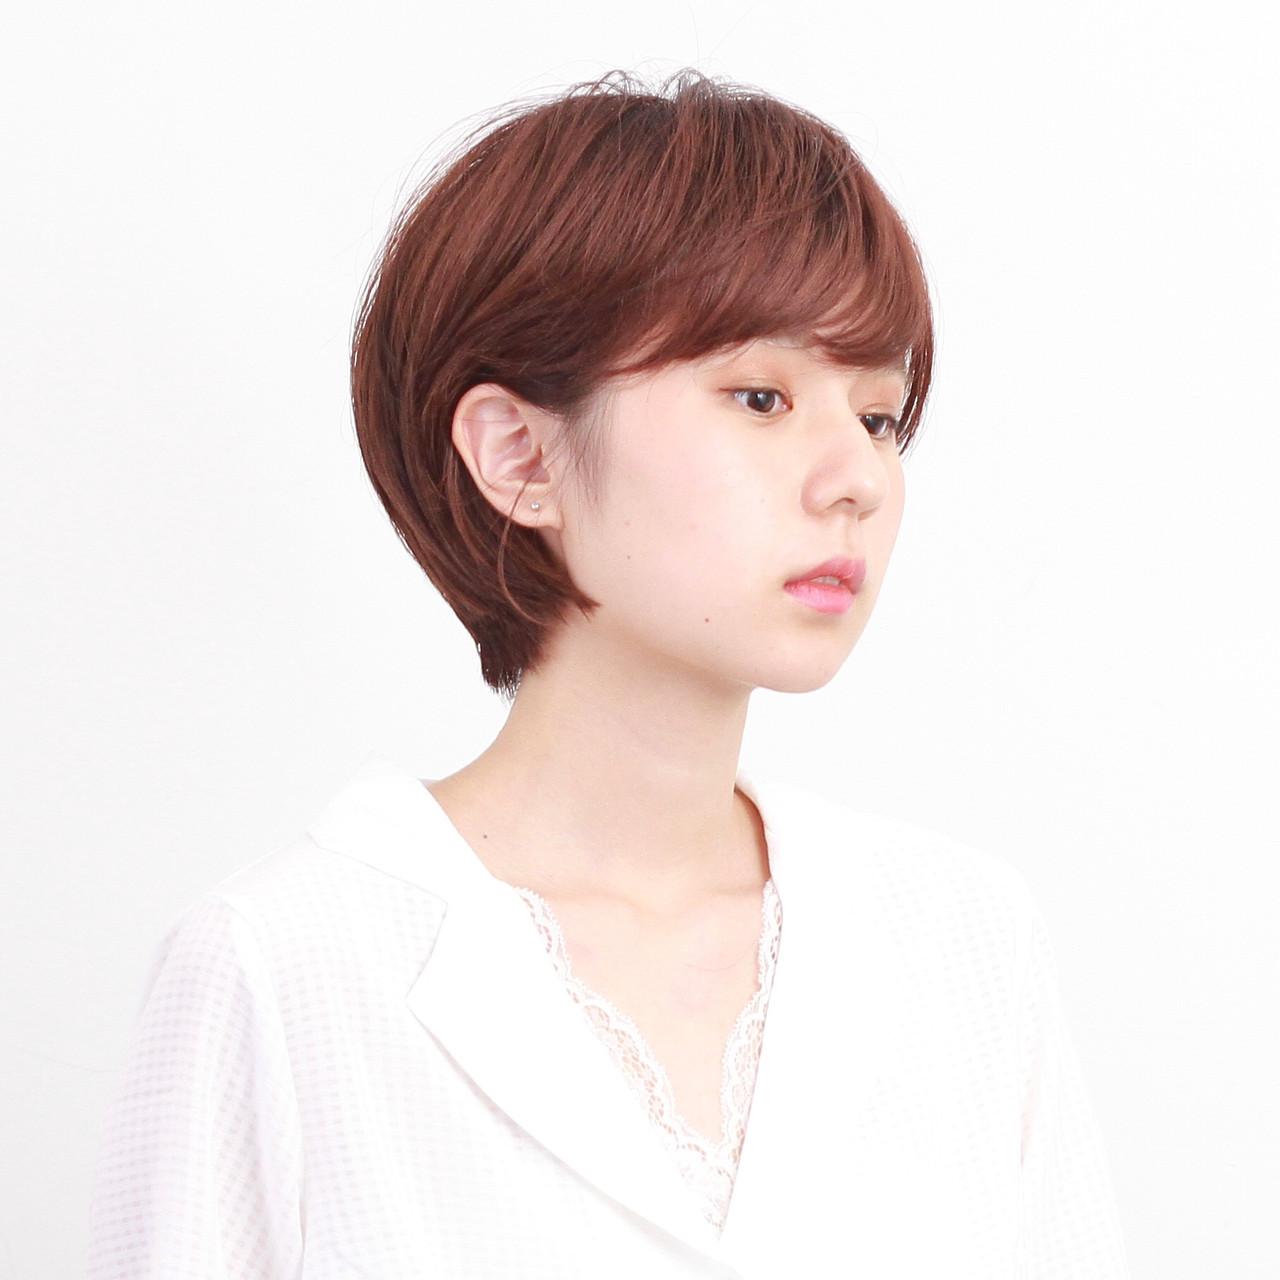 マッシュショート ショートボブ 簡単ヘアアレンジ アンニュイほつれヘア ヘアスタイルや髪型の写真・画像